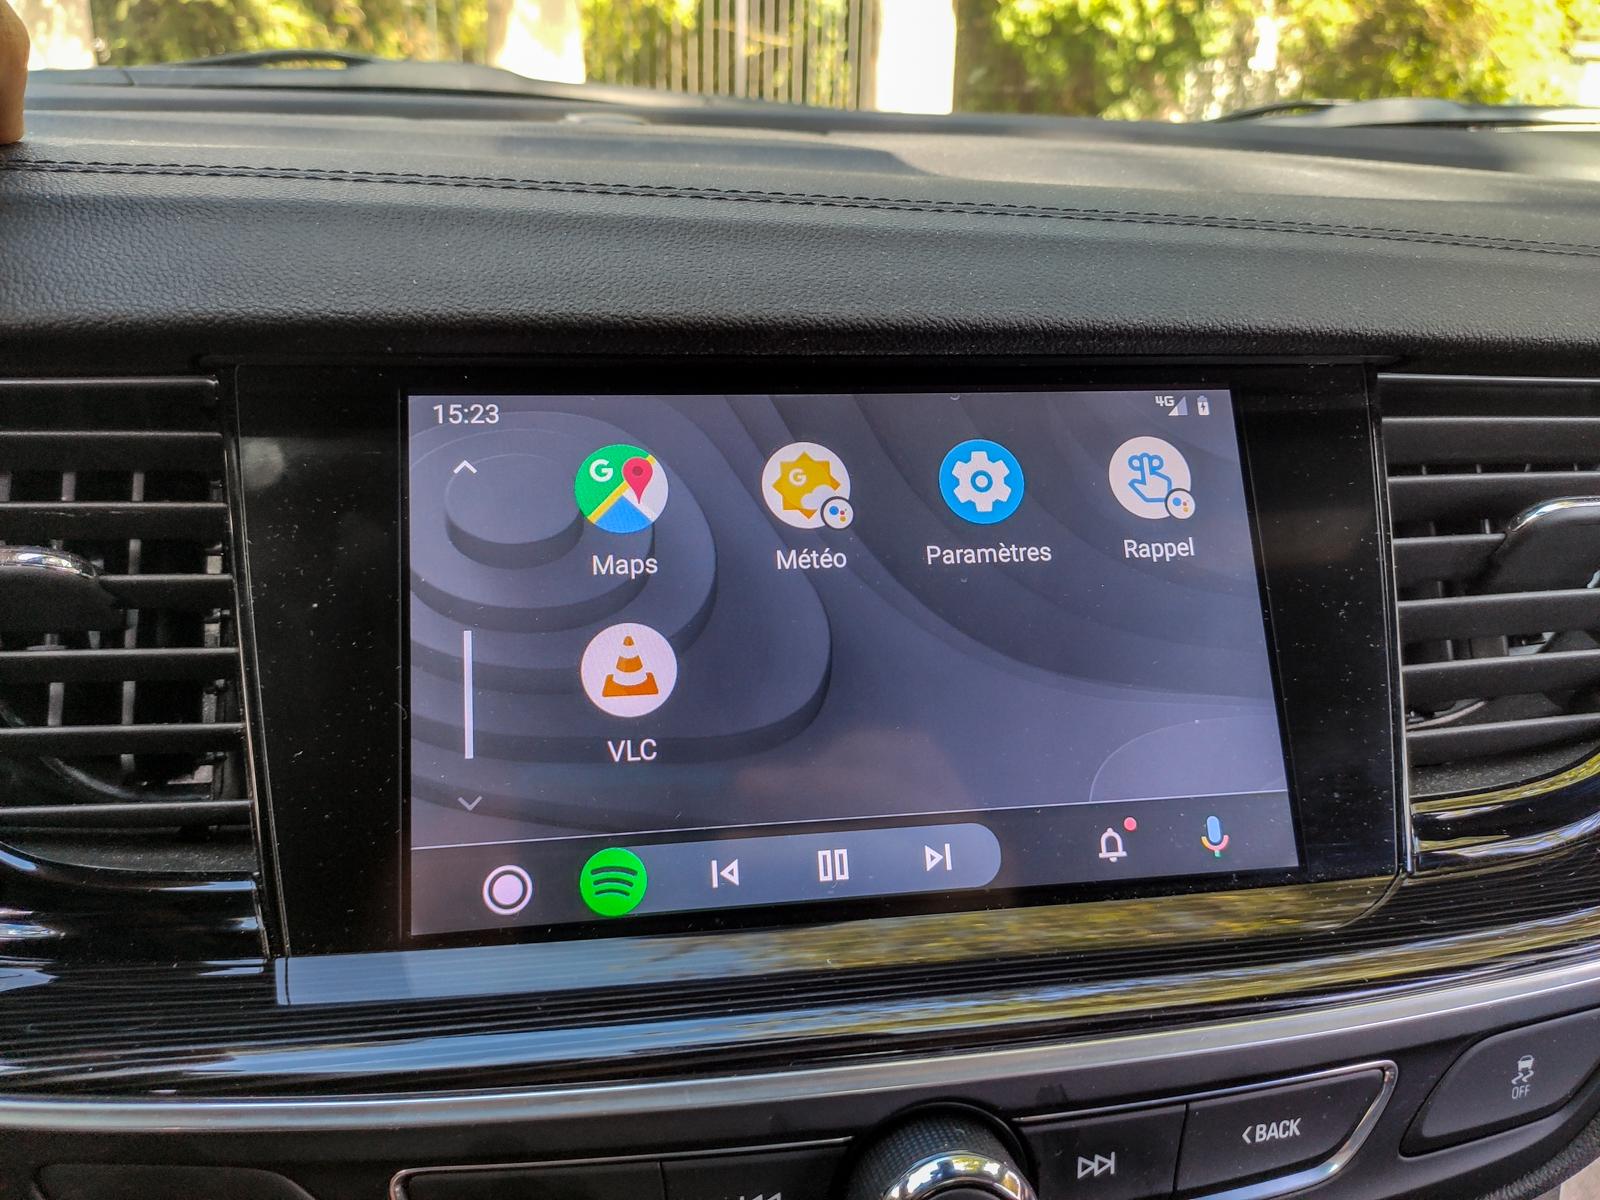 Android Auto s'habille désormais de fonds d'écrans personnalisables - Frandroid